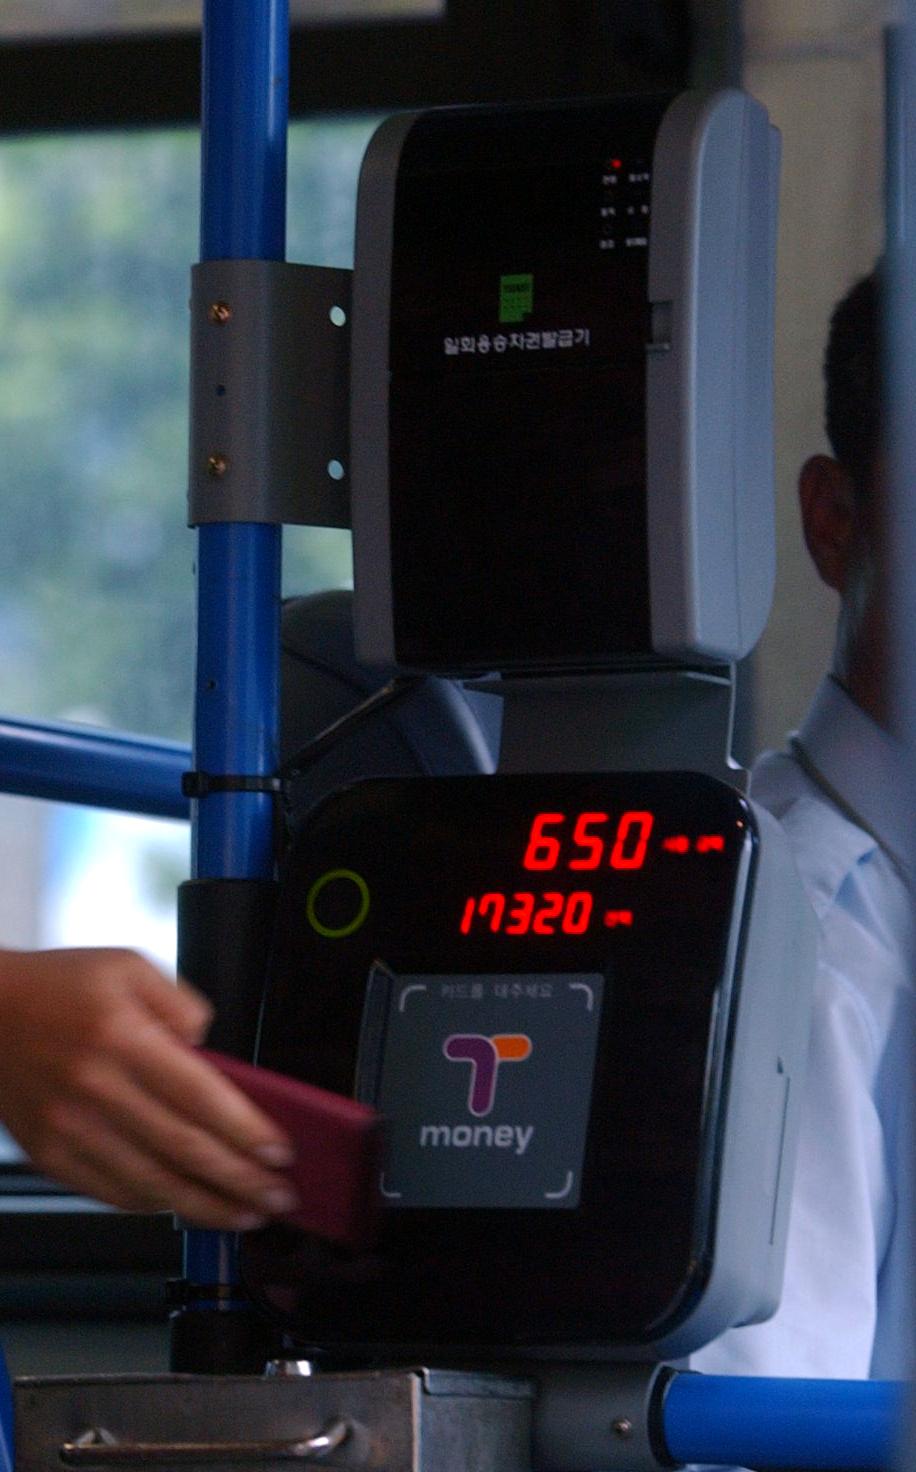 버스 요금은 2015년 인상된 이후 4년 가까이 동결돼 있다. [중앙포토]